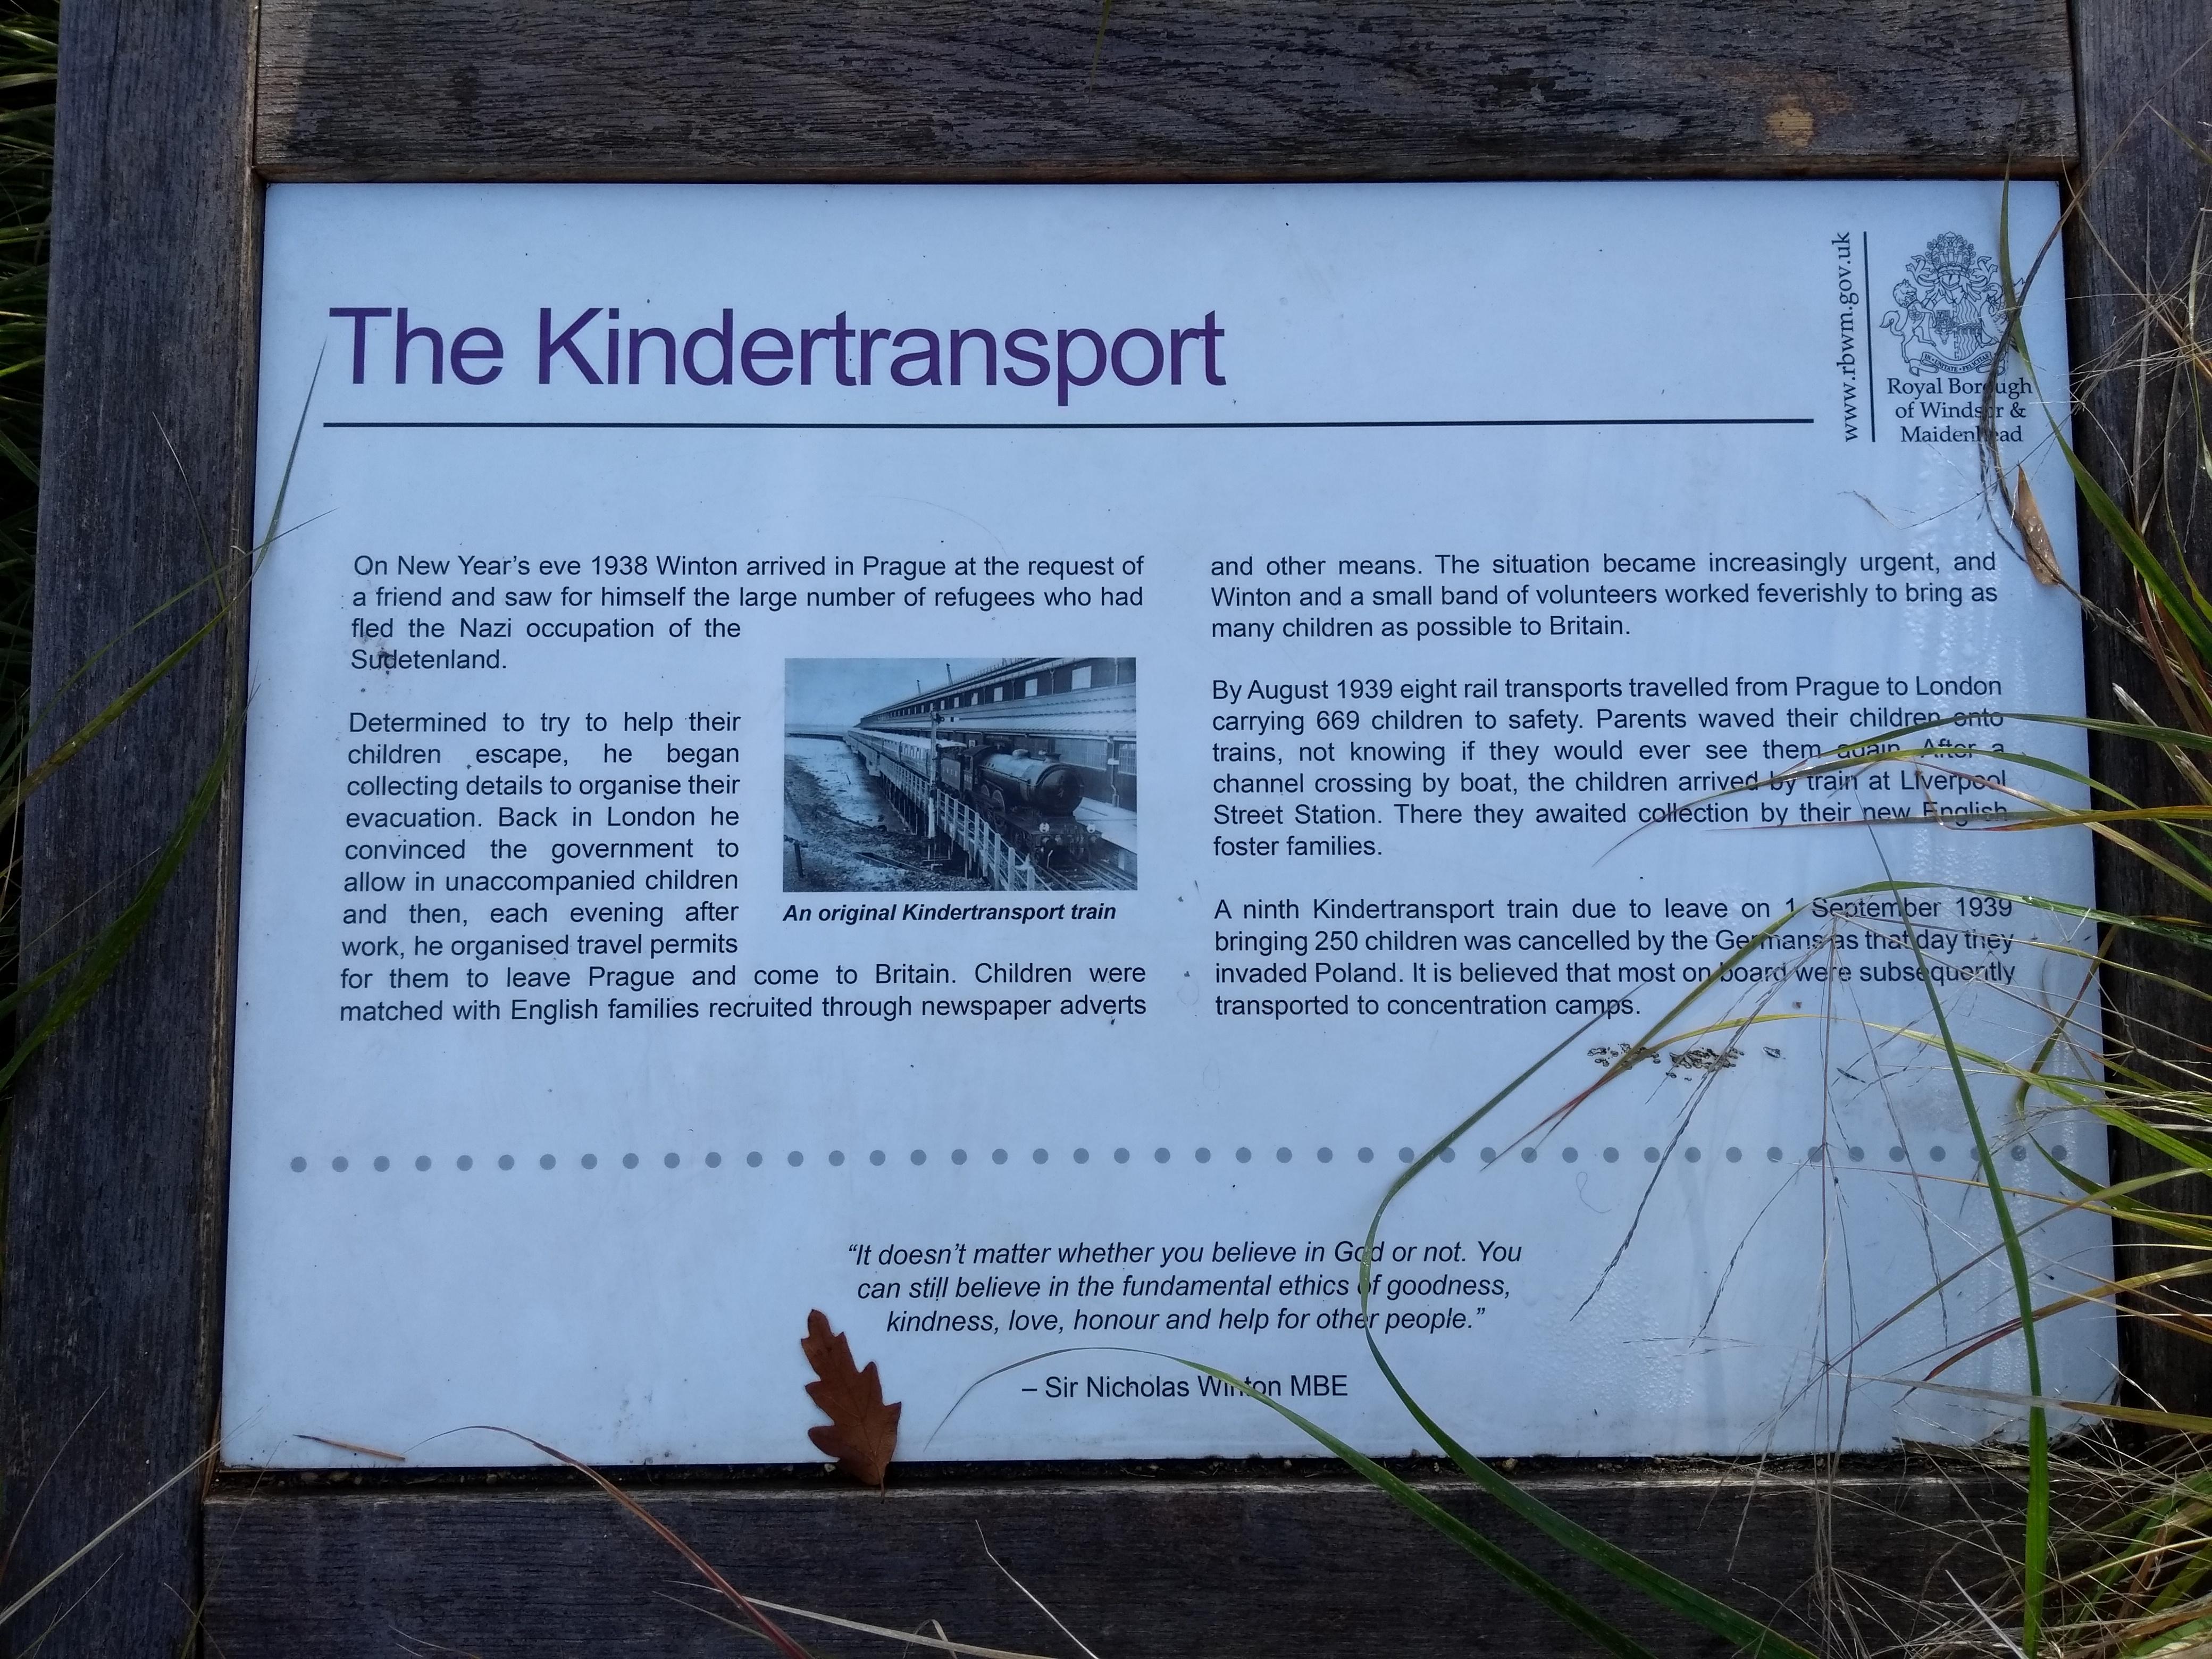 The Kindertransport